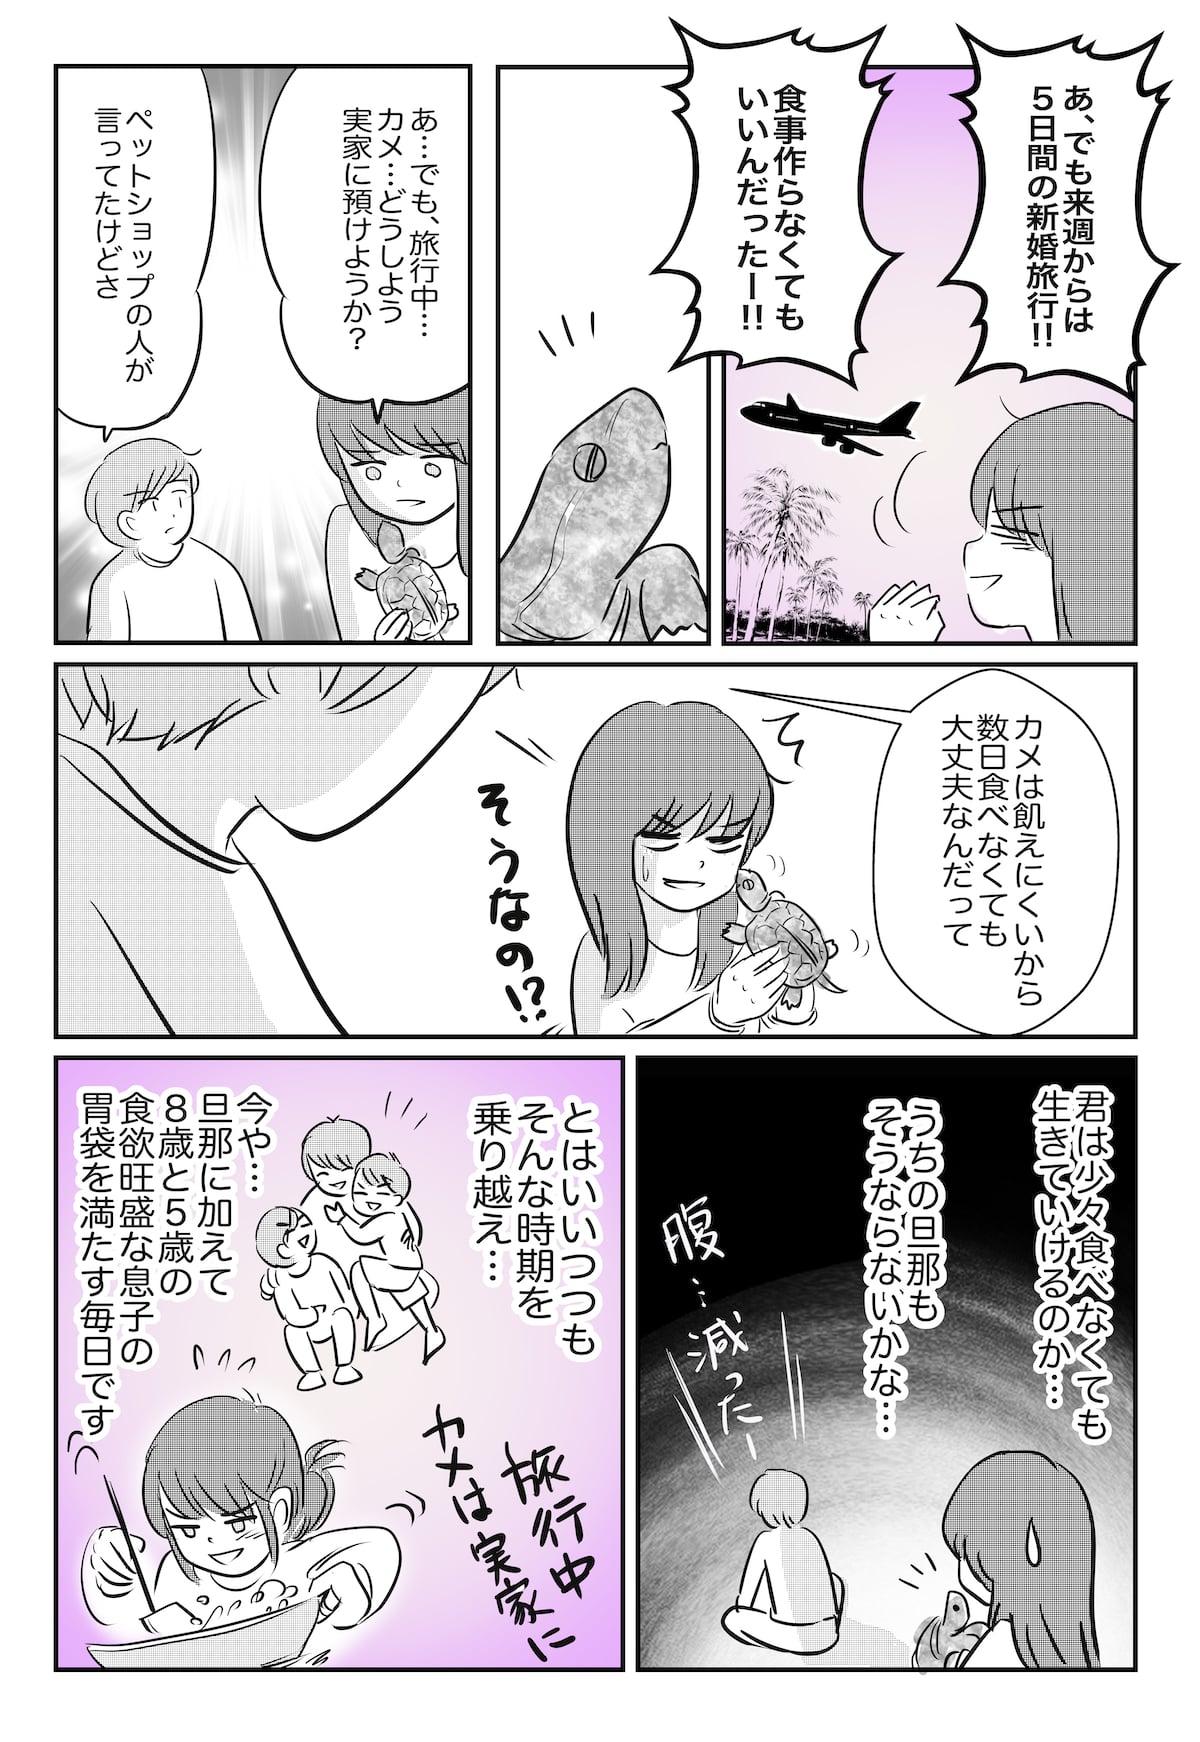 旦那とカメ_003 (2)